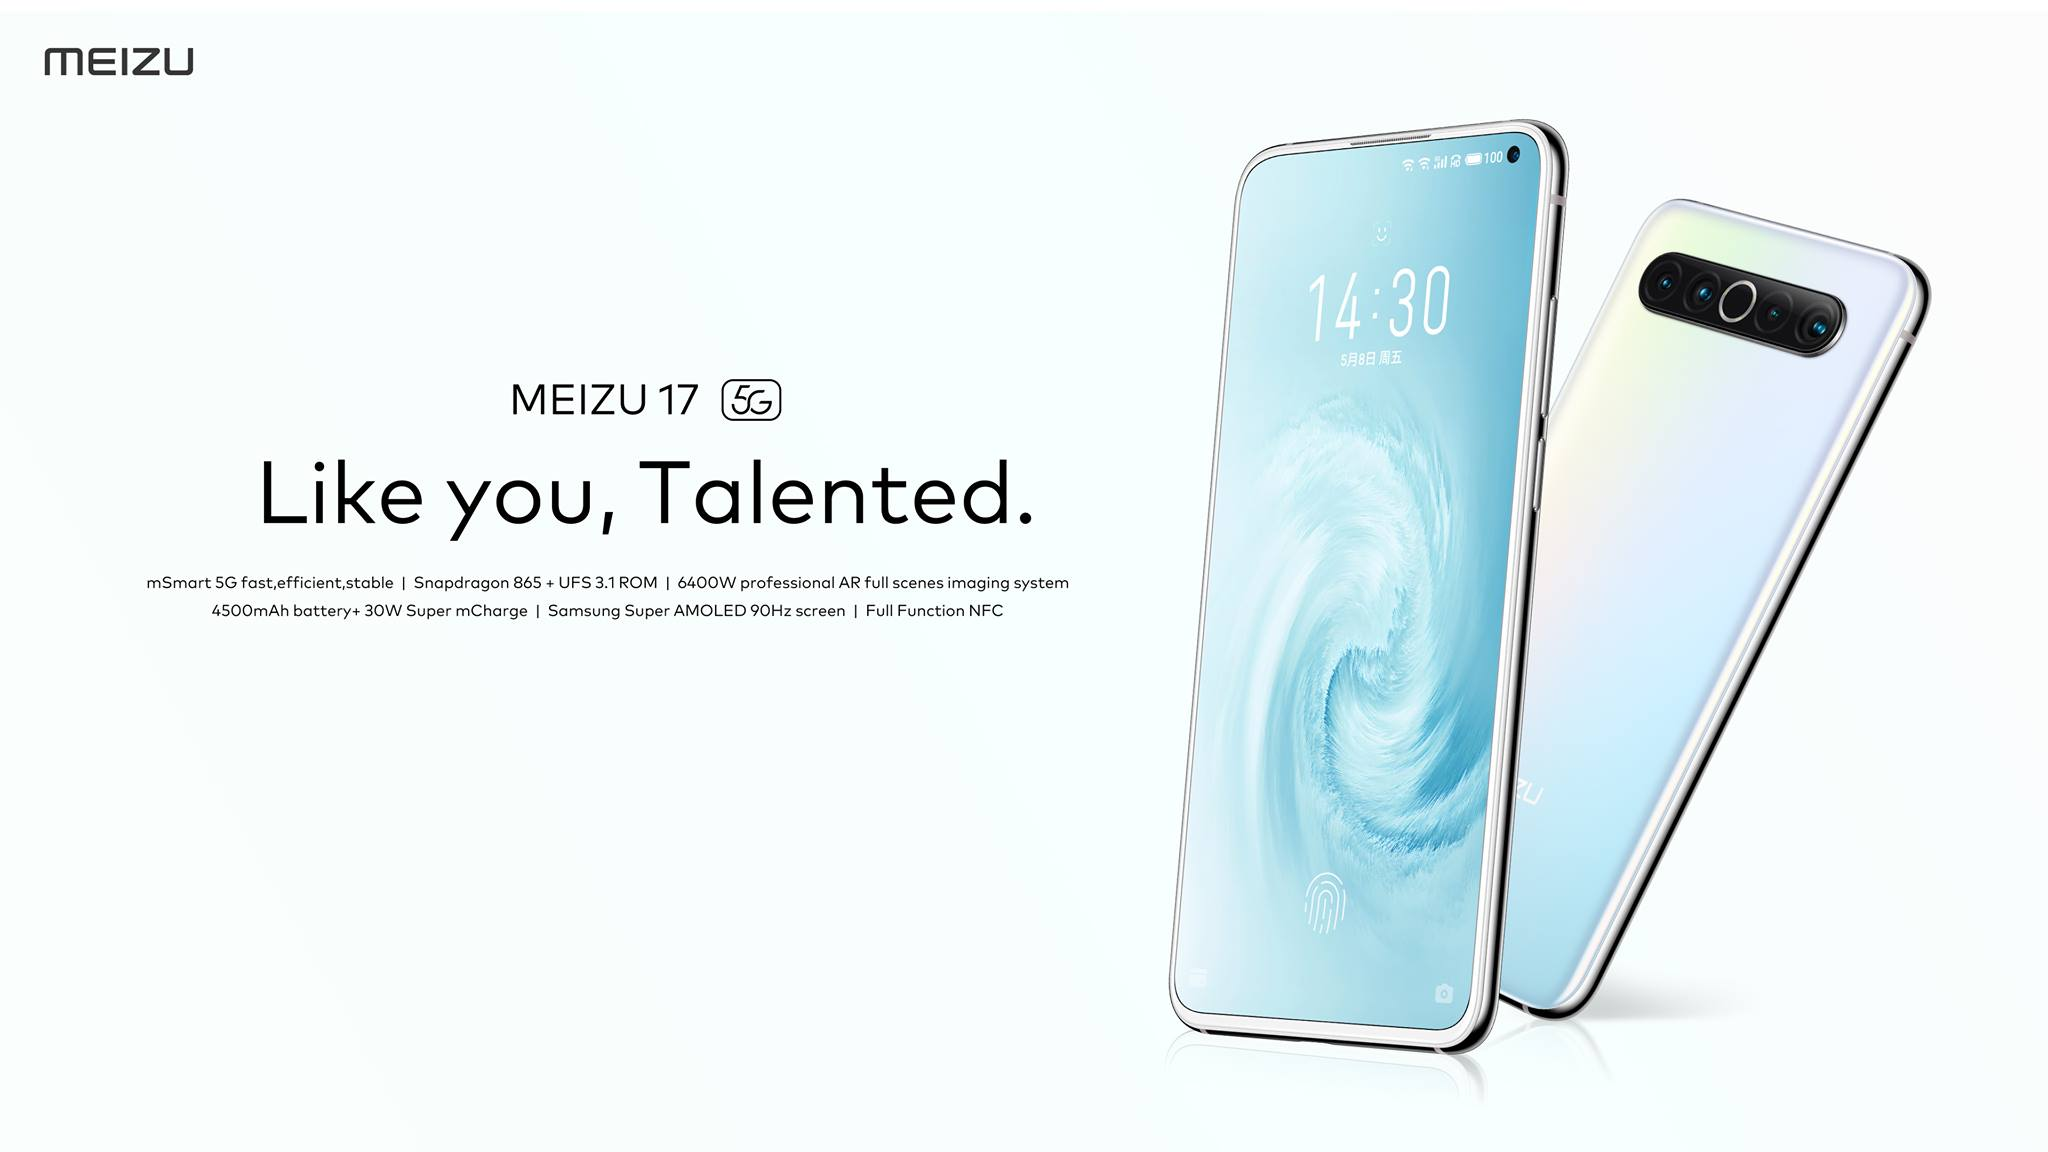 Компания Meizu наконец-то решила поделиться информацией на предмет своего обсуждаемого флагмана 17mSmart 5G На протяжении нескольких месяцев в сети появляются утечки